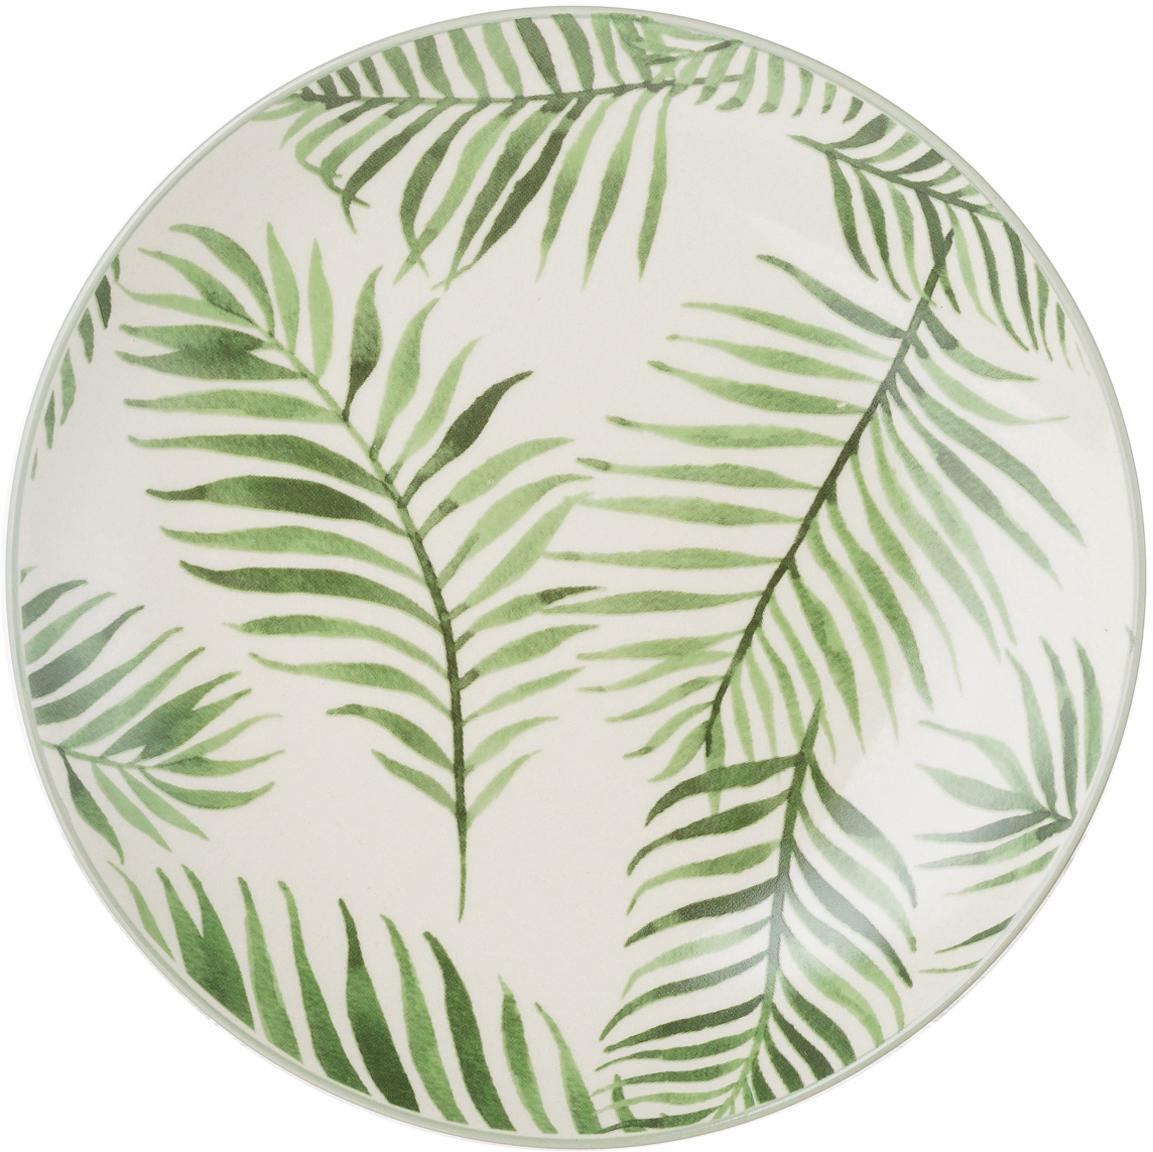 Piattino da dessert con motivo tropicale Jade 4 pz, Terracotta, Beige, verde, Ø 20 cm